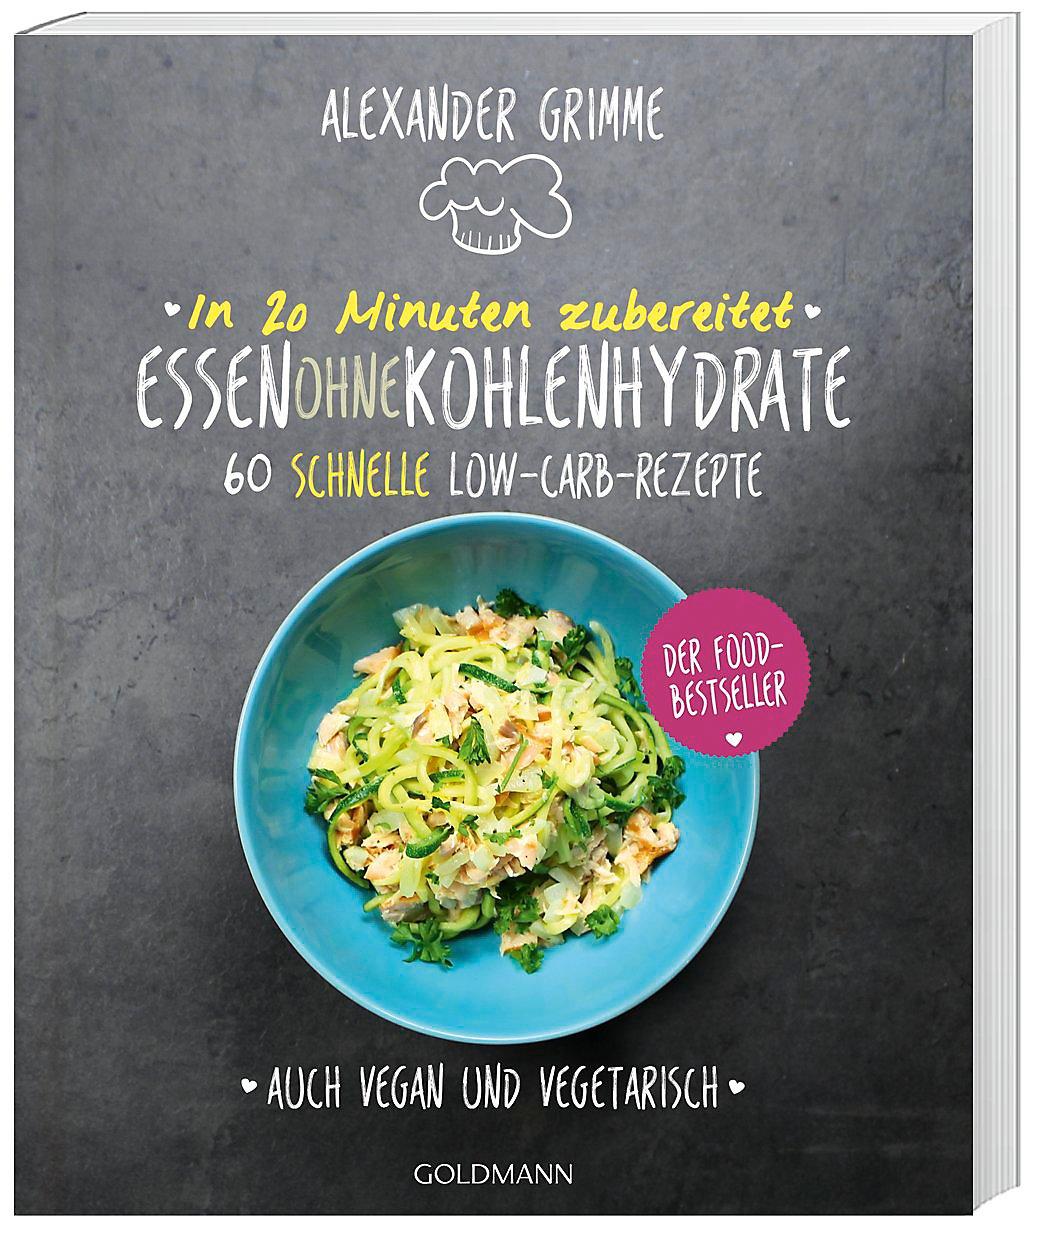 Prächtig In 20 Minuten zubereitet: Essen ohne Kohlenhydrate Buch portofrei &YV_12